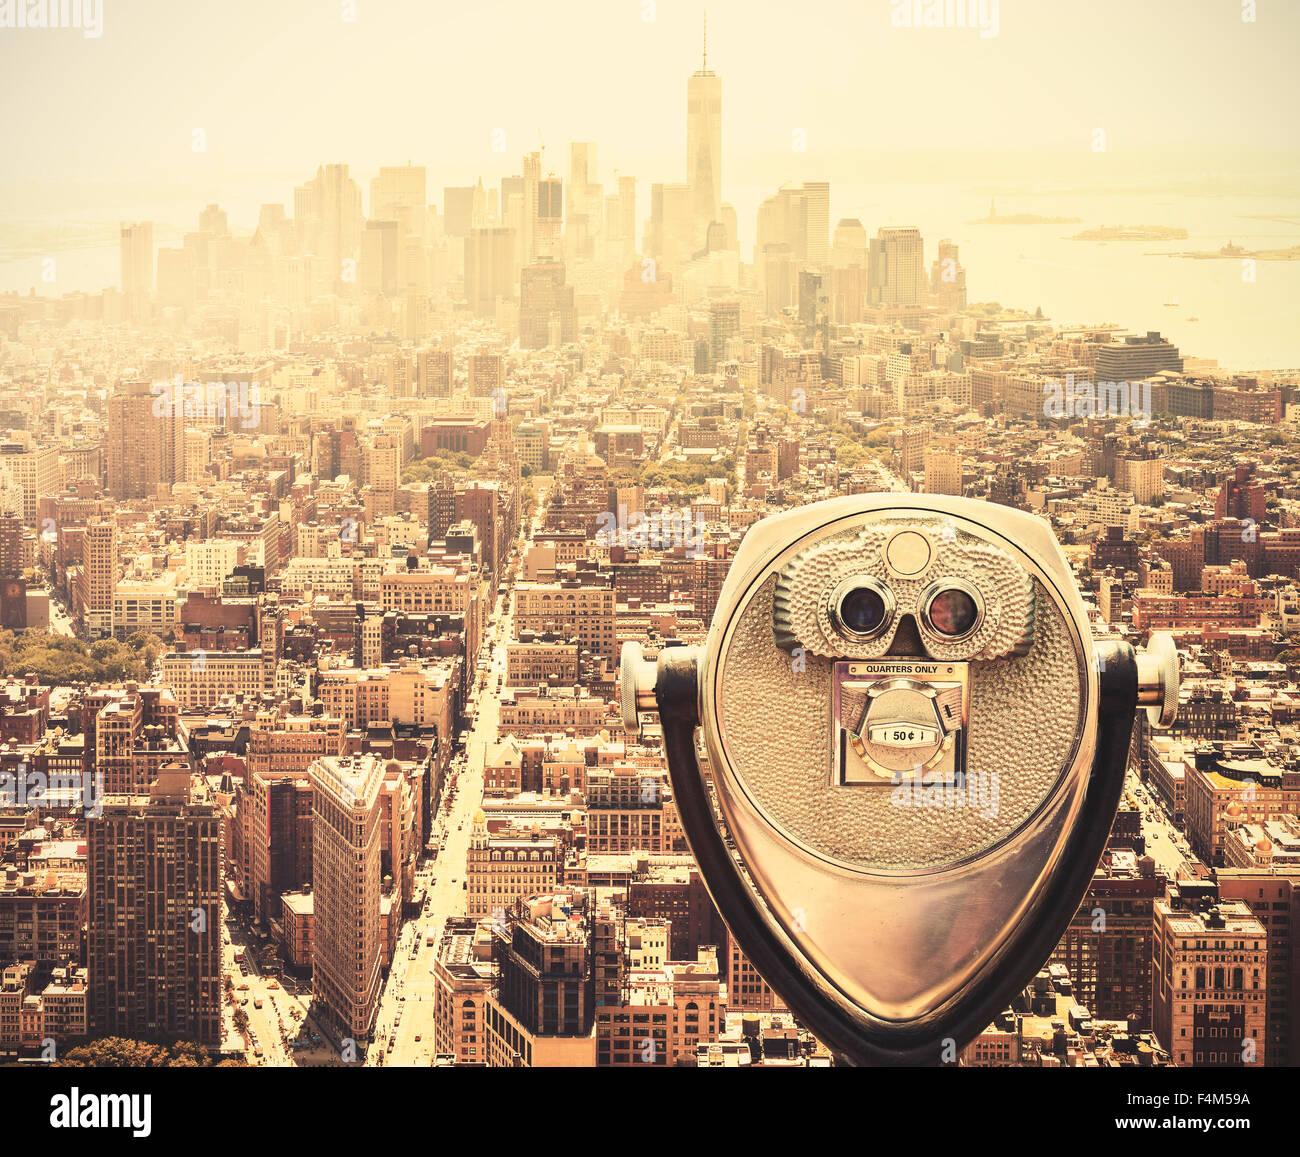 Retro vintage nei toni del binocolo turistica sulla Skyline di Manhattan, New York City, Stati Uniti d'America. Immagini Stock